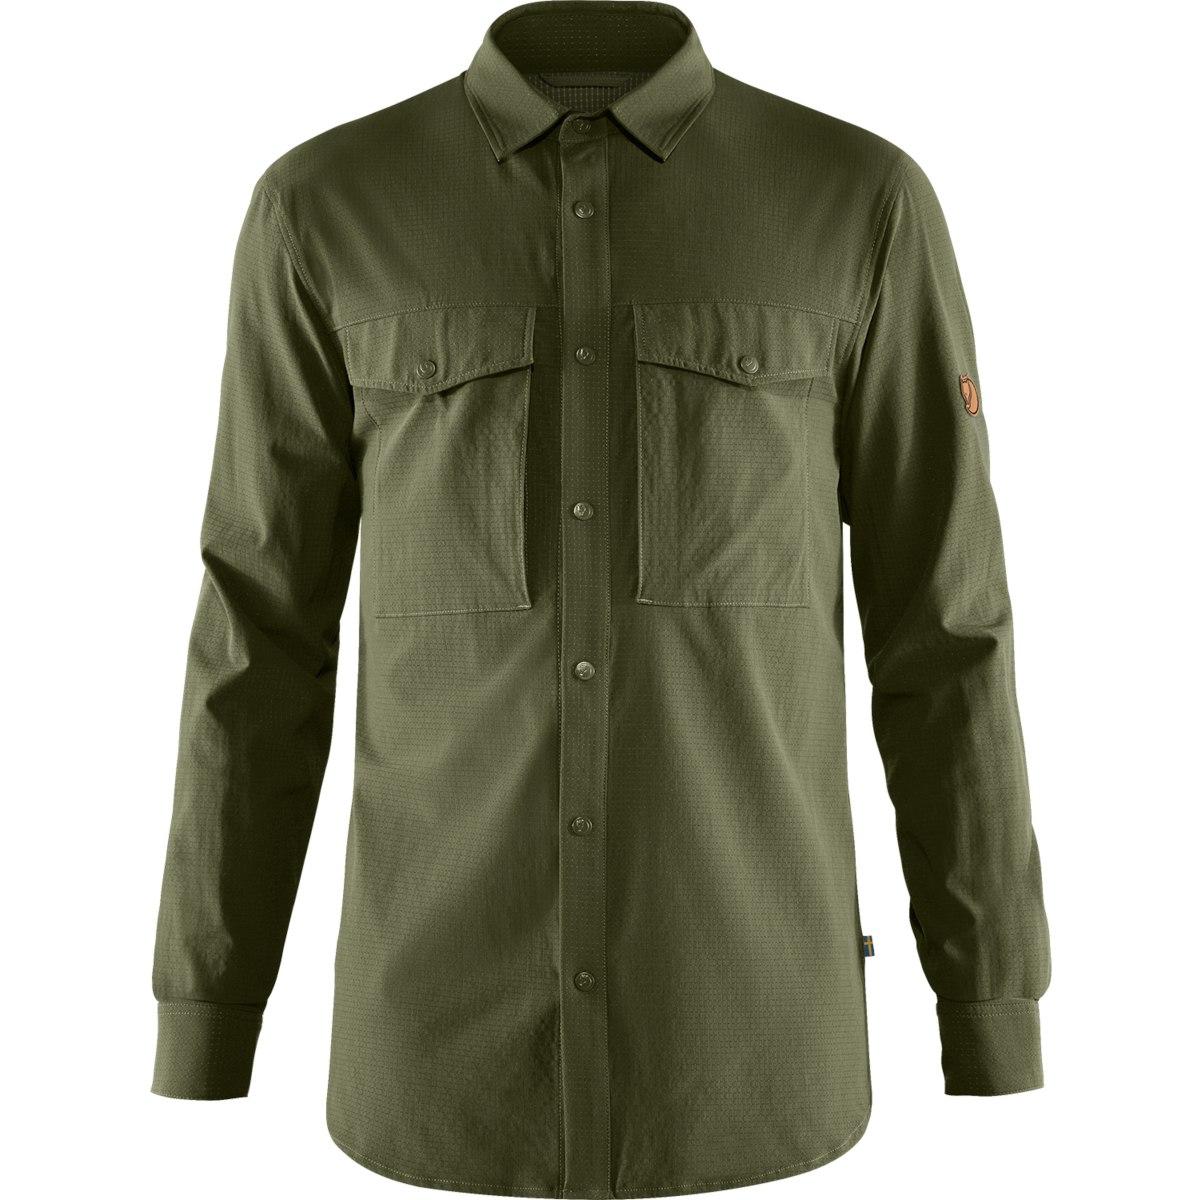 Fjällräven Abisko Trekking Shirt - laurel green